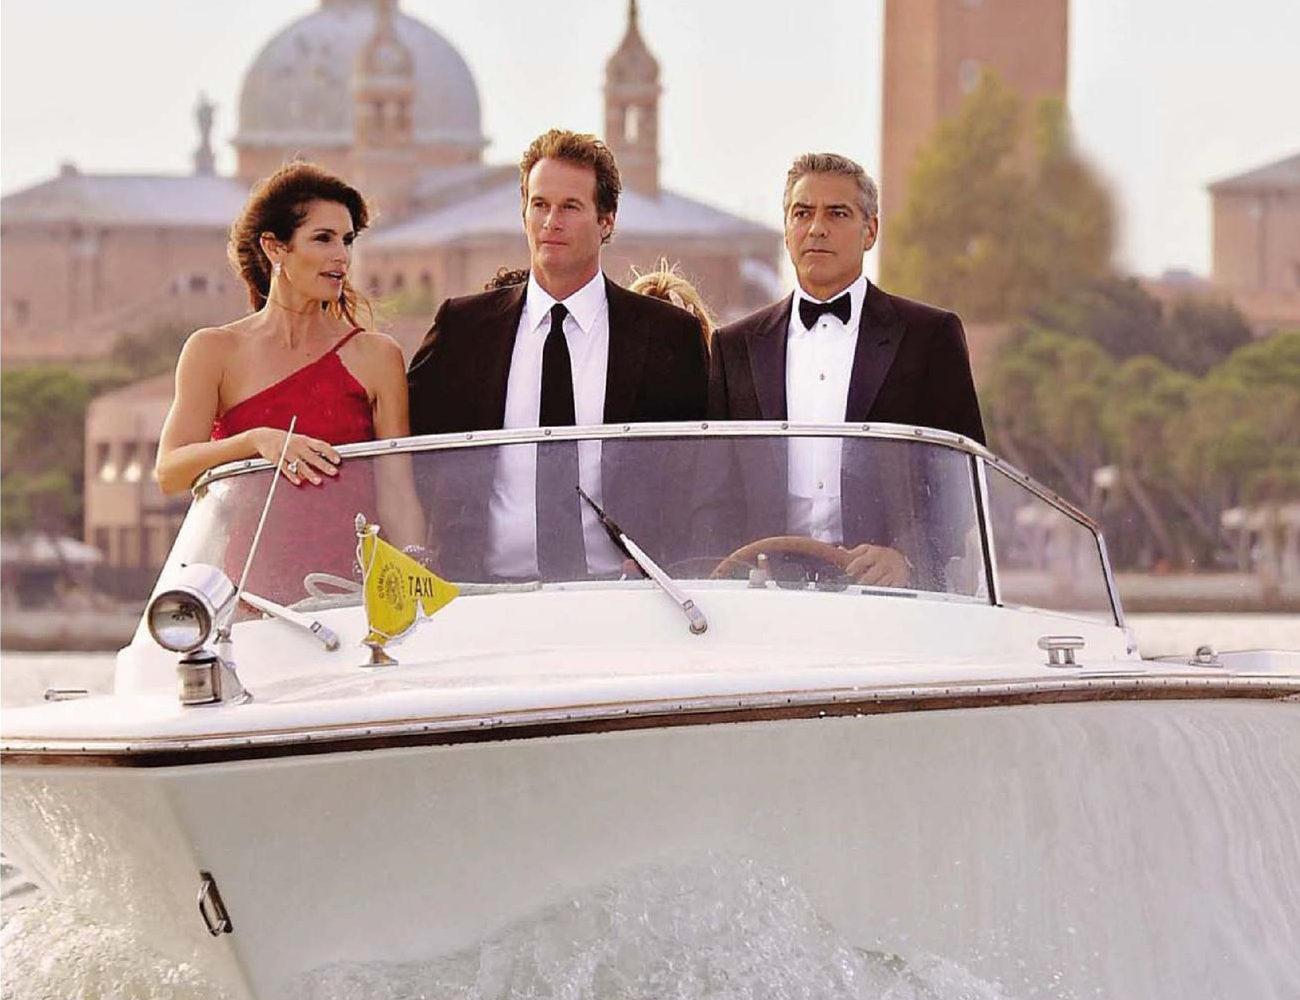 http://3.bp.blogspot.com/-QeilAtU0Mro/TnEAhJ7N-MI/AAAAAAAAC40/a2Ni8isWqU4/s1600/Venice+Film+Festival+2011.jpg